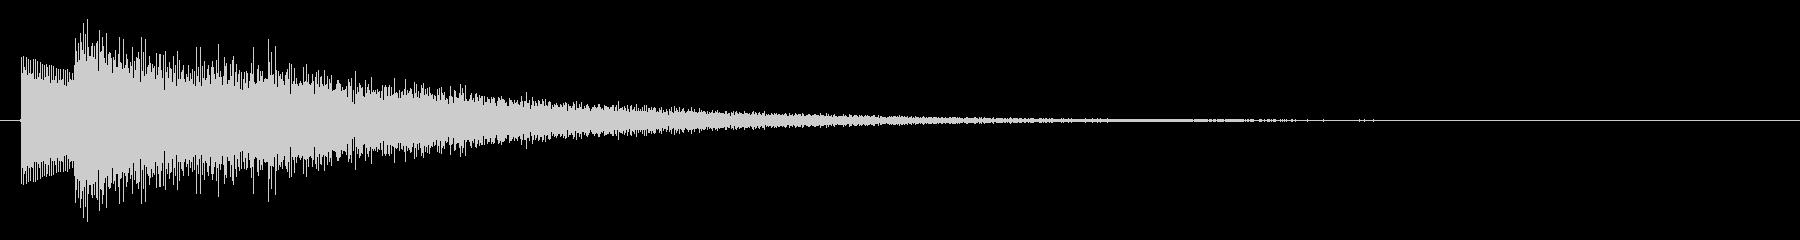 キラキラ/上昇系/回復/バフの未再生の波形